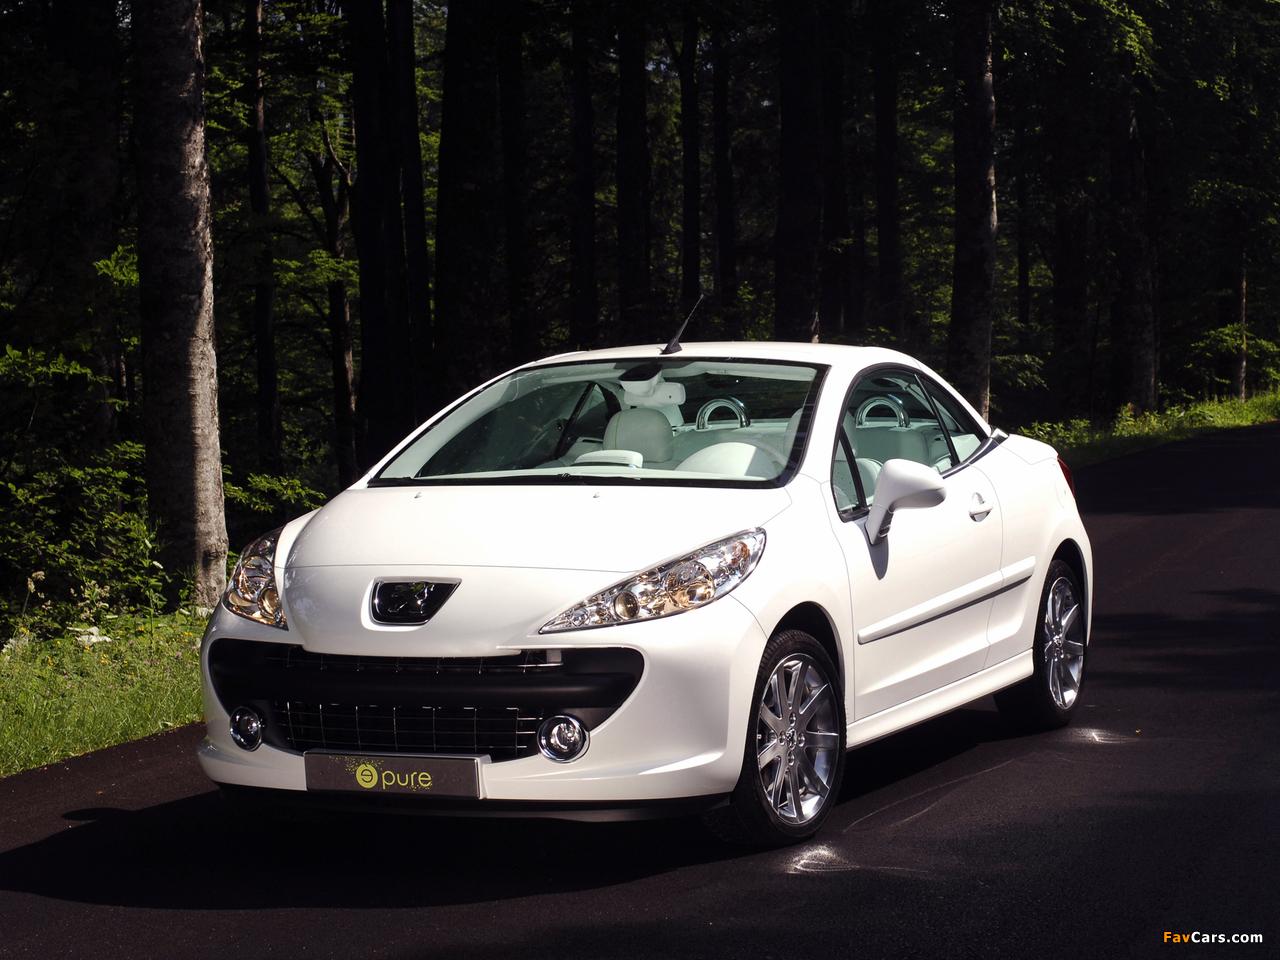 Peugeot 207 Epure Concept 2006 images (1280 x 960)